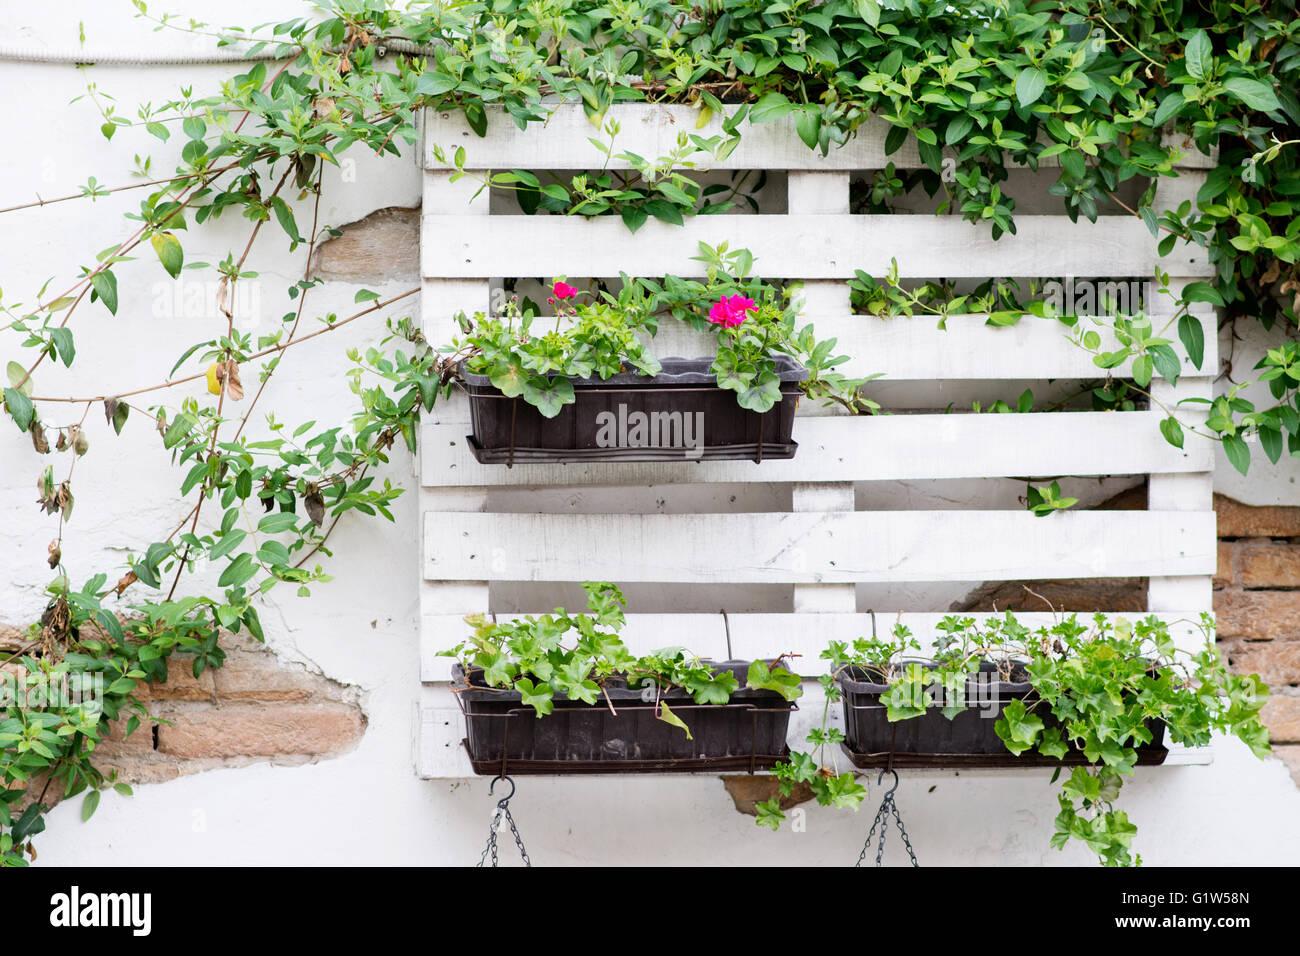 Ideas interesantes para la jardiner a utilizando palets industriales por colgar de la pared para - Macetas de colgar ...